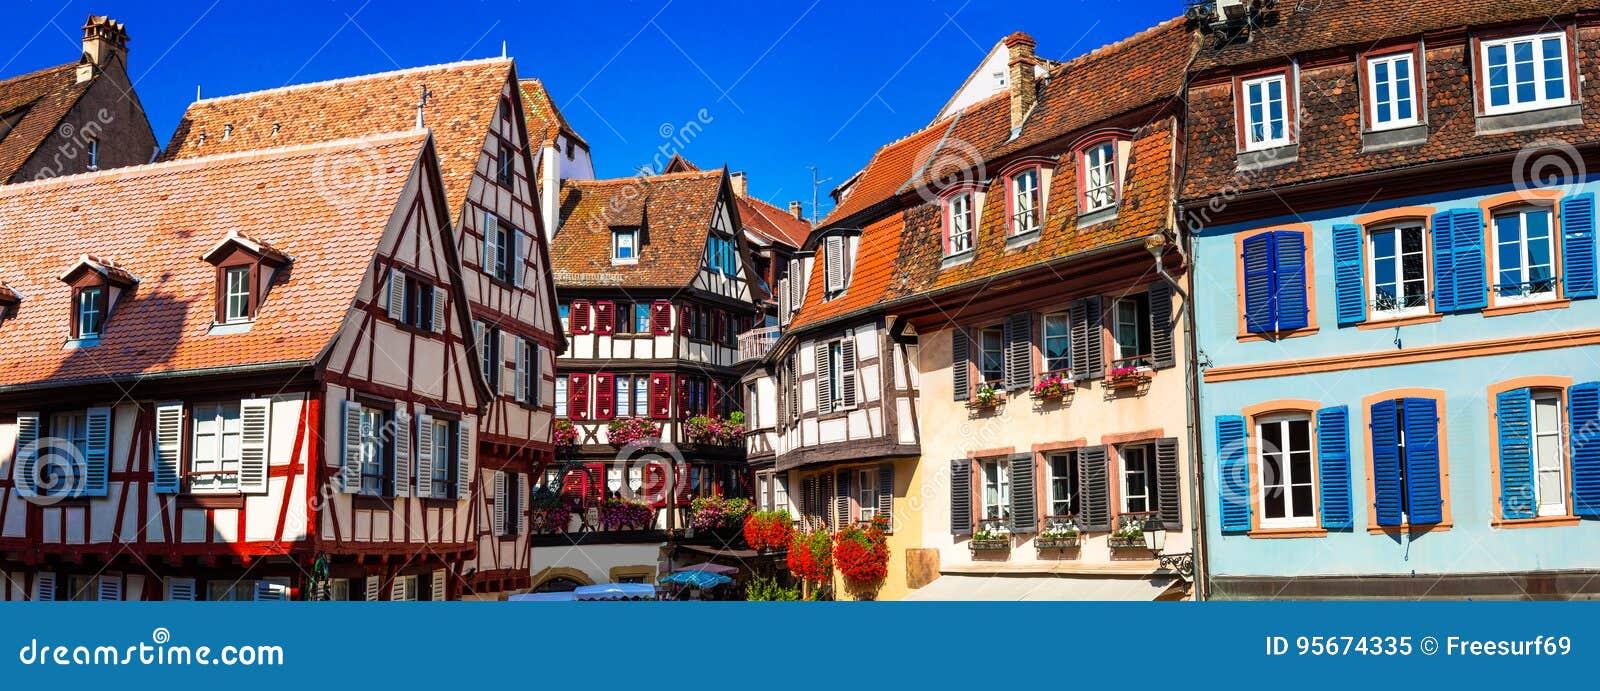 Καταπληκτική Colmar - παραδοσιακή floral πόλη στην περιοχή της Αλσατίας, της Γαλλίας